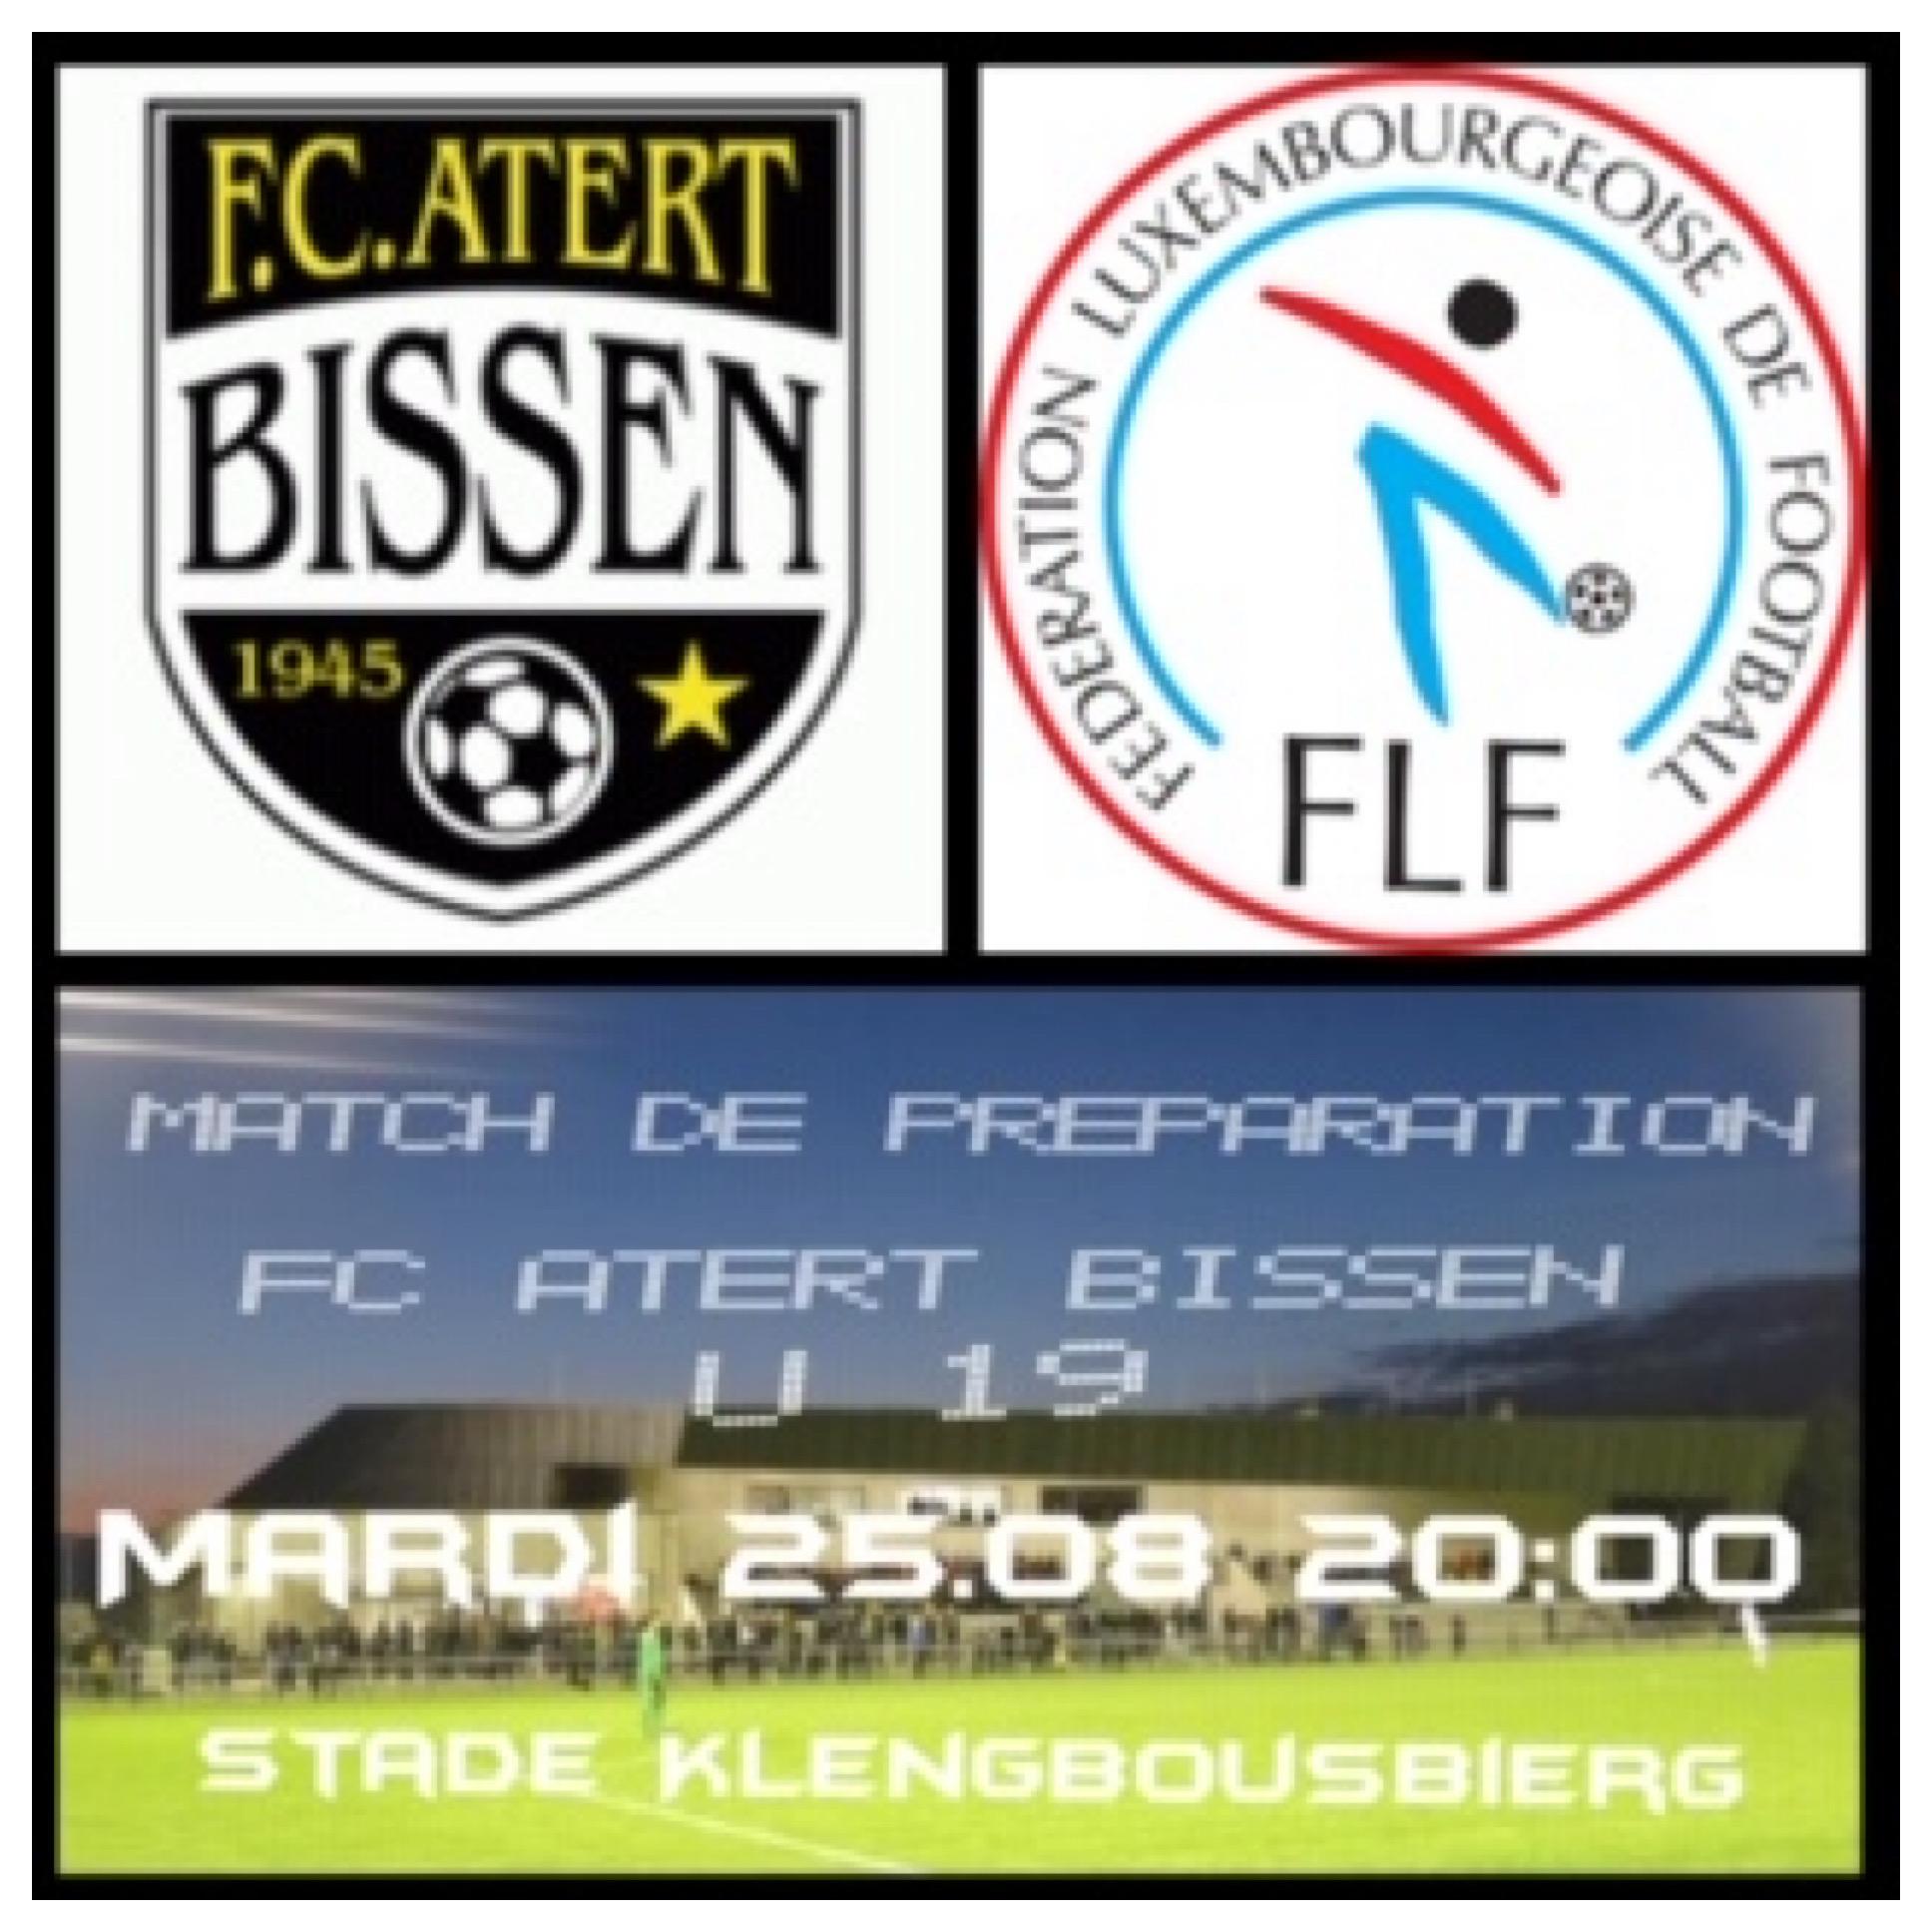 FC Atert Bissen - U19 Luxembourg